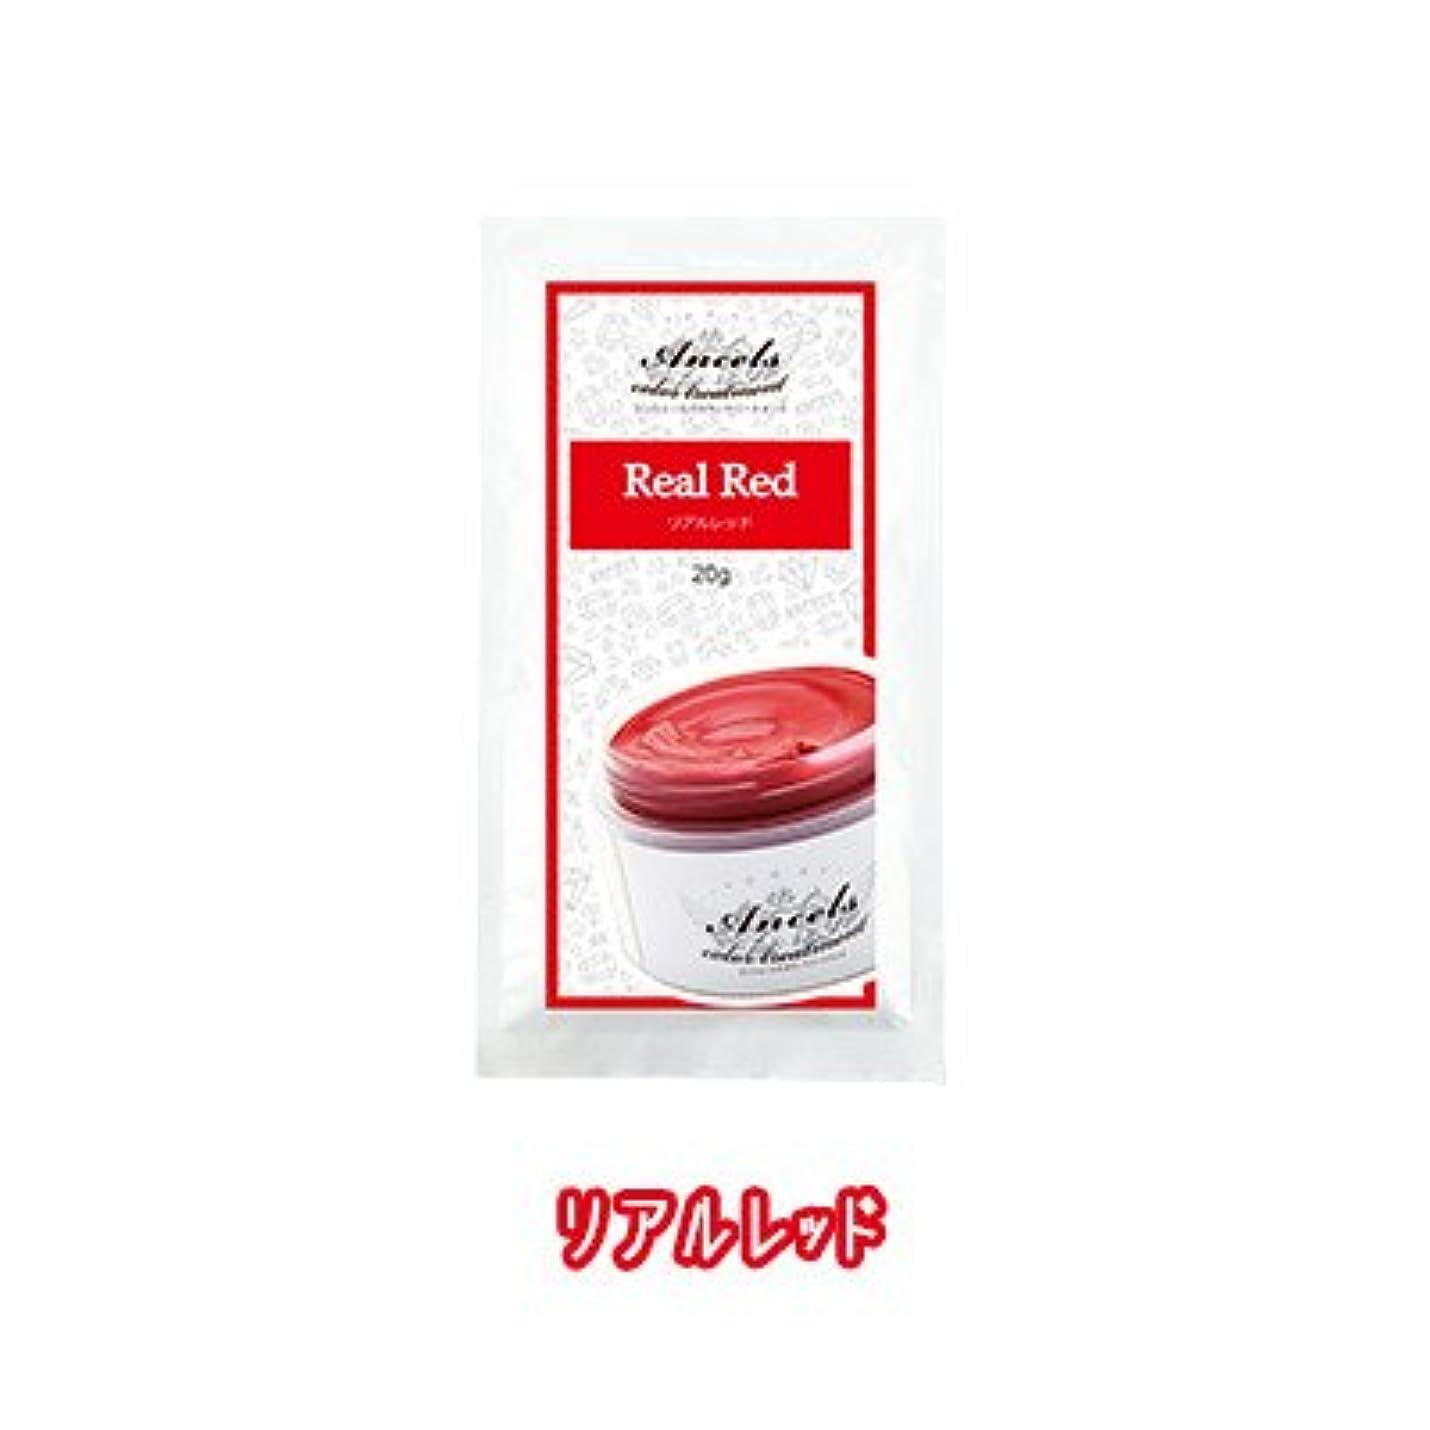 柔らかい拮抗する落胆するエンシェールズ カラートリートメントバター プチ(お試しサイズ) リアルレッド 20g